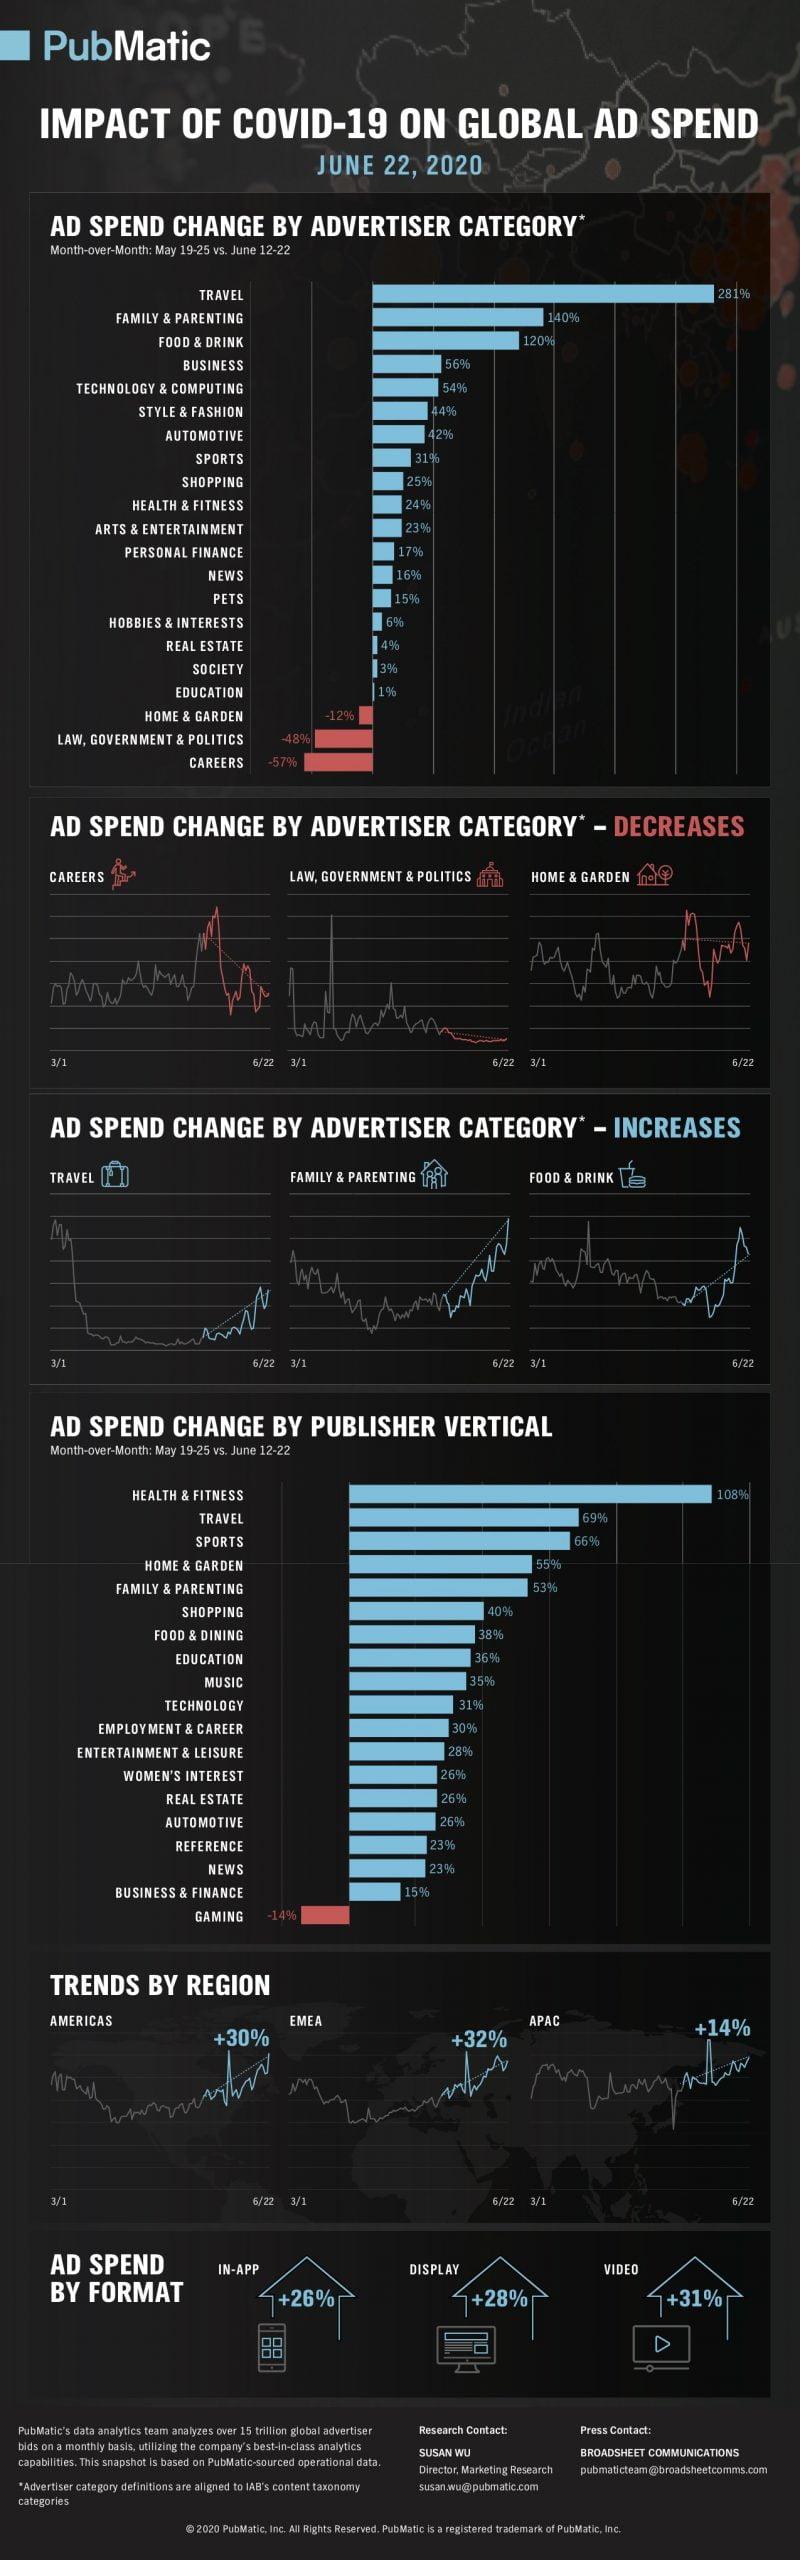 ad spend